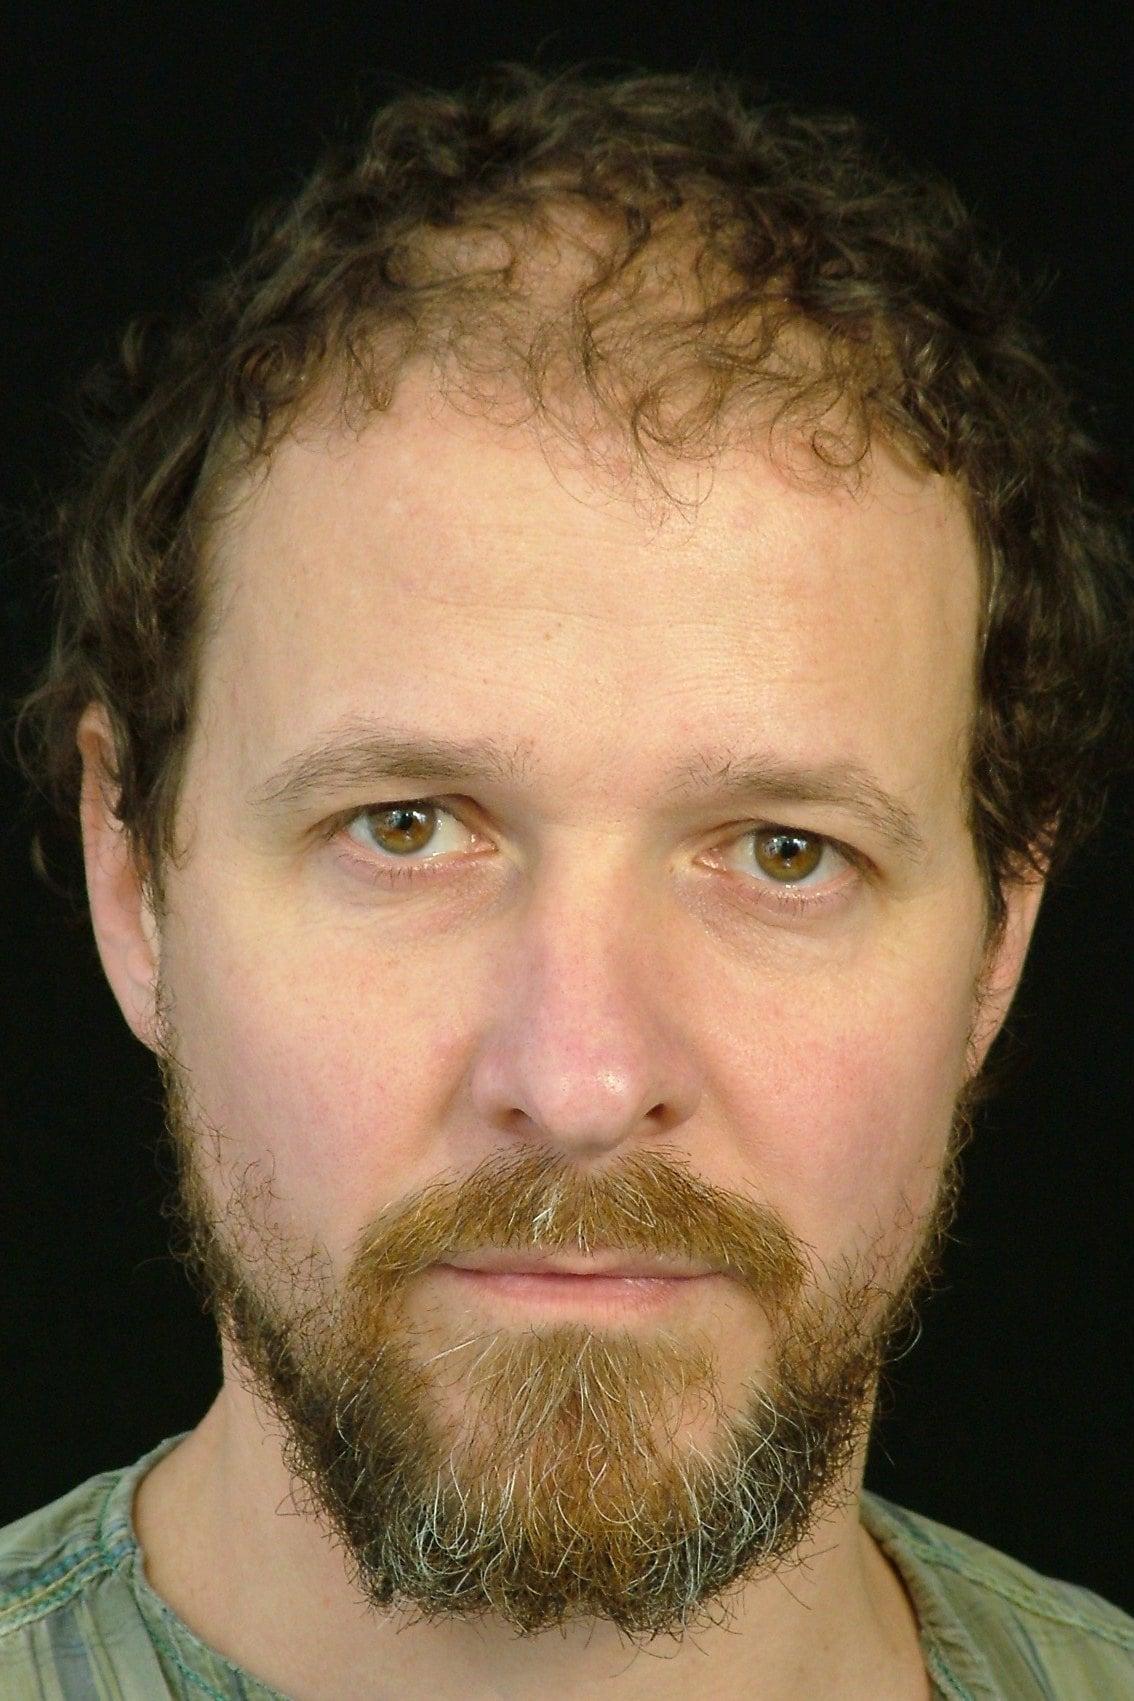 Matt Patresi